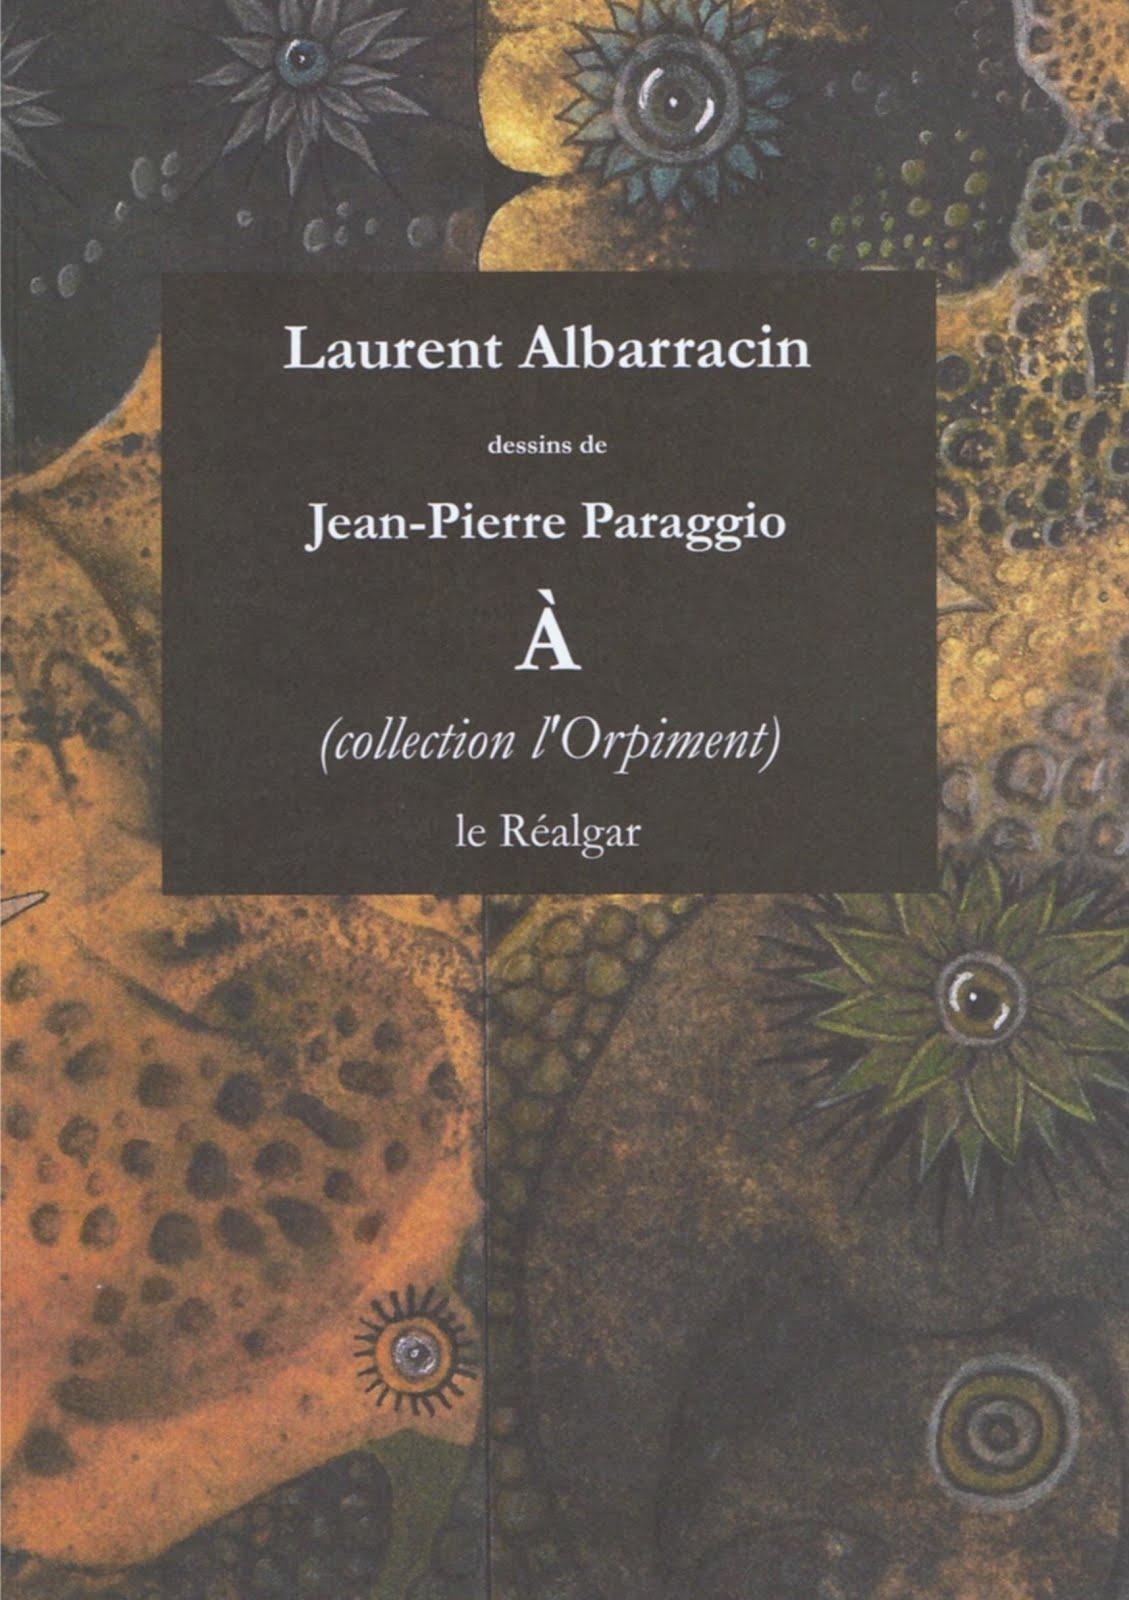 Laurent ALBARRACIN, À avec des peintures de Jean-Pierre PARAGGIO